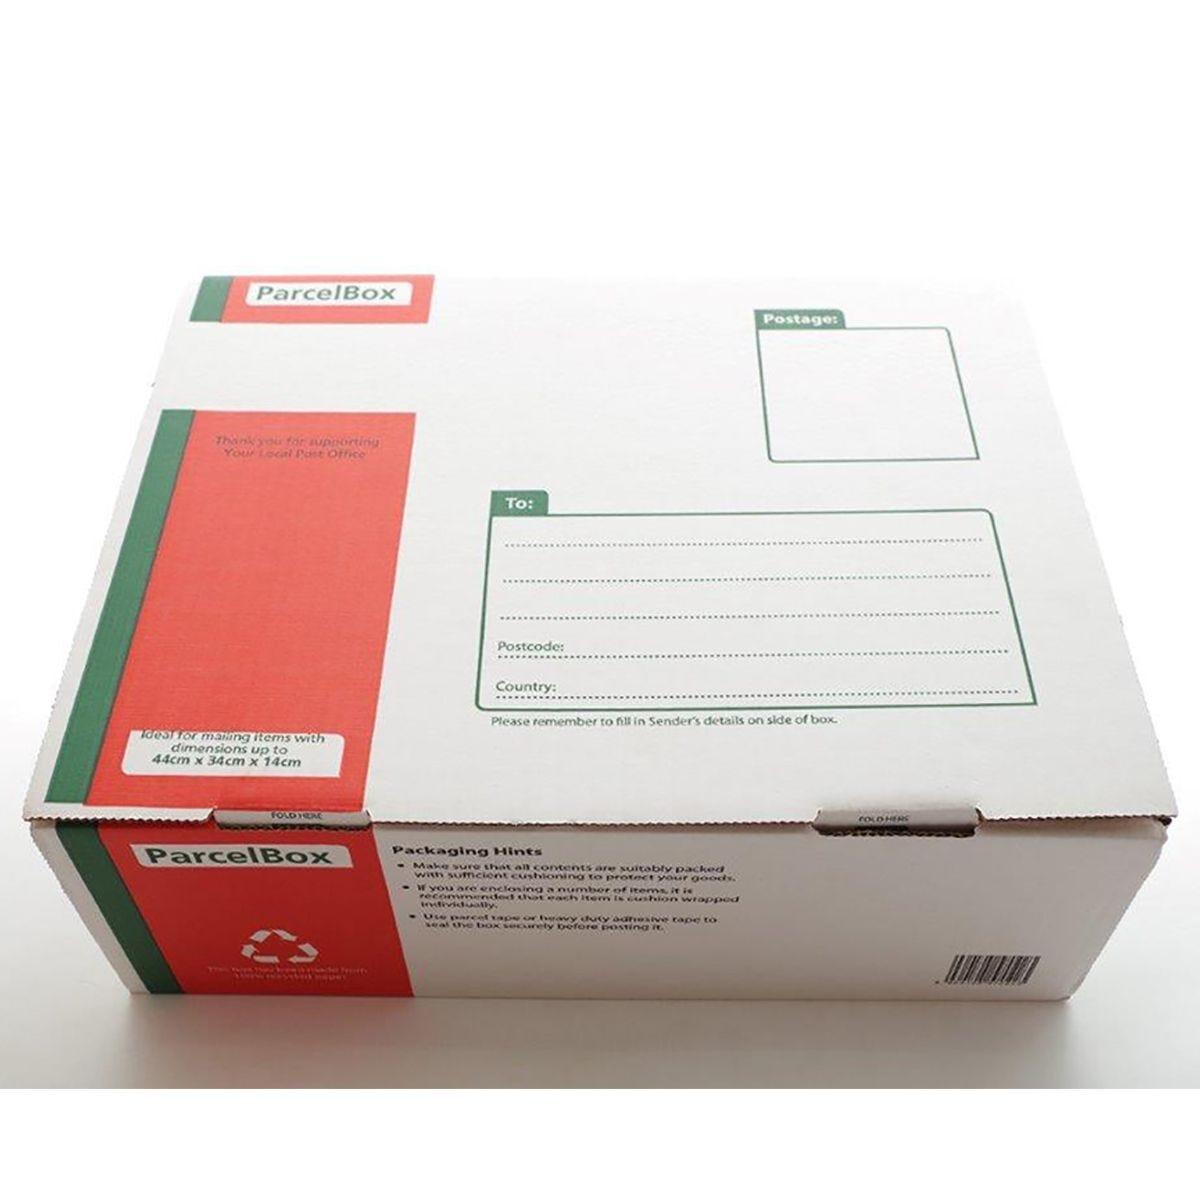 ParcelBox 440x340x140mm